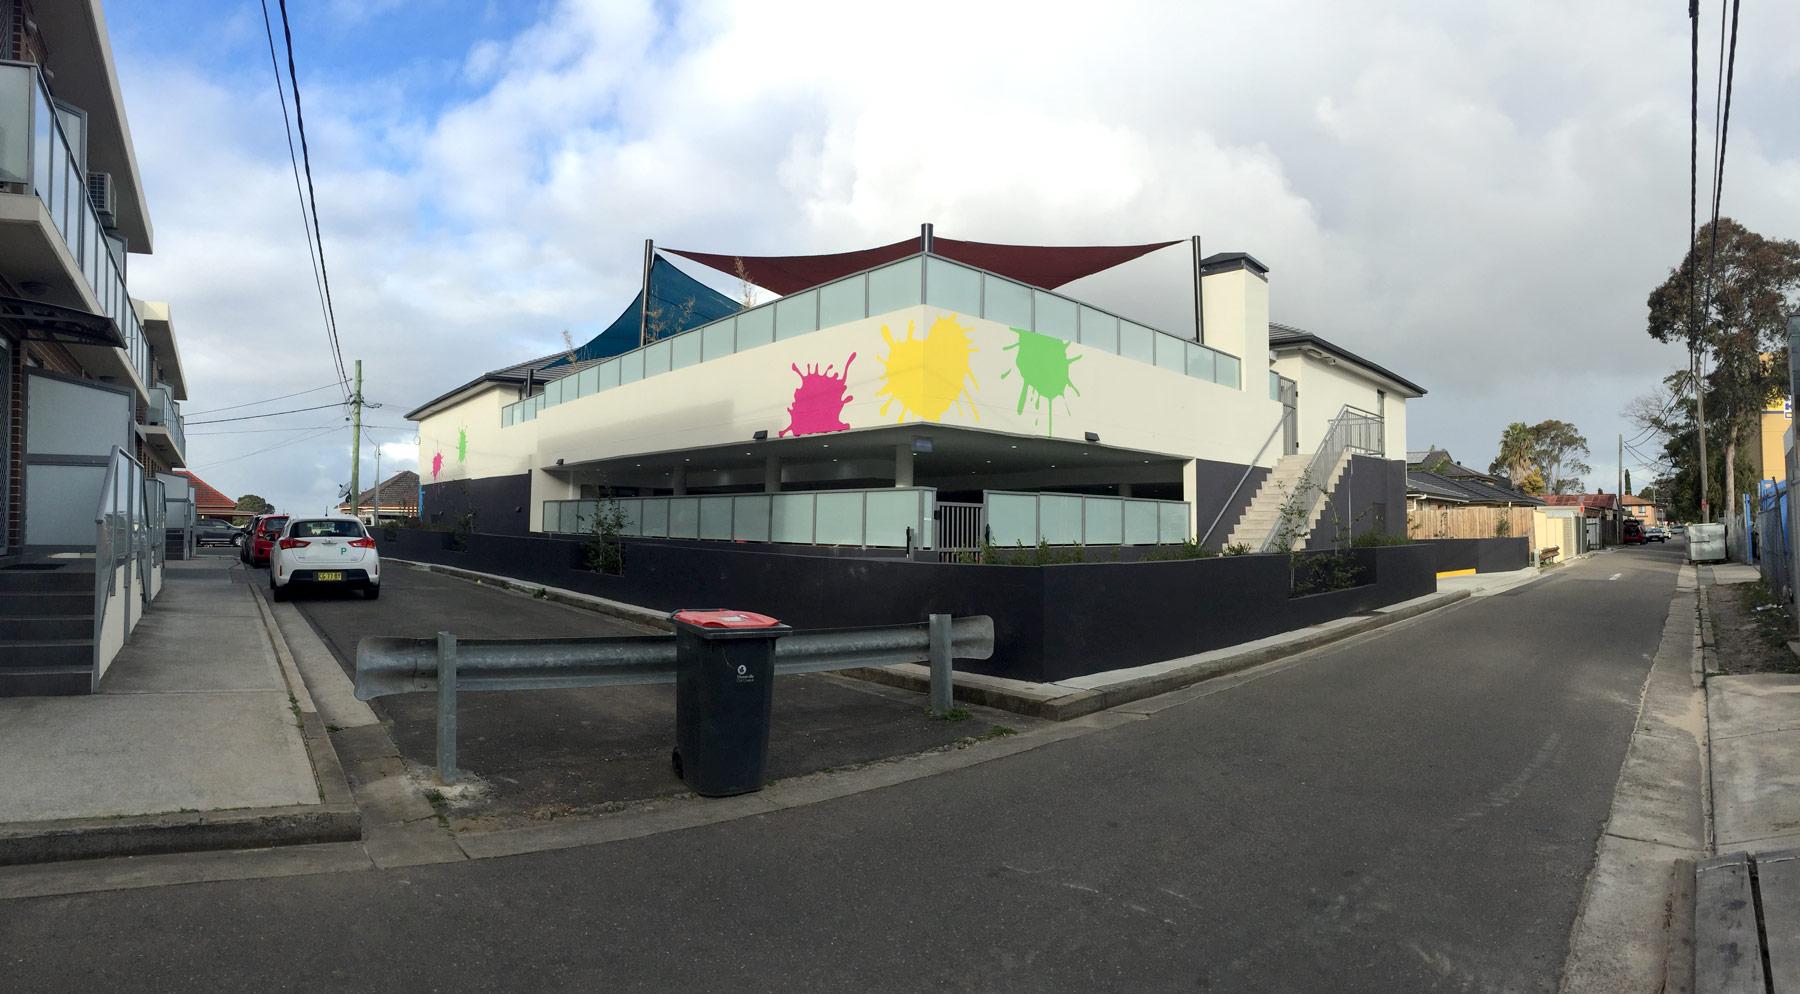 childrens-spot-hursville-exterior-murals-3